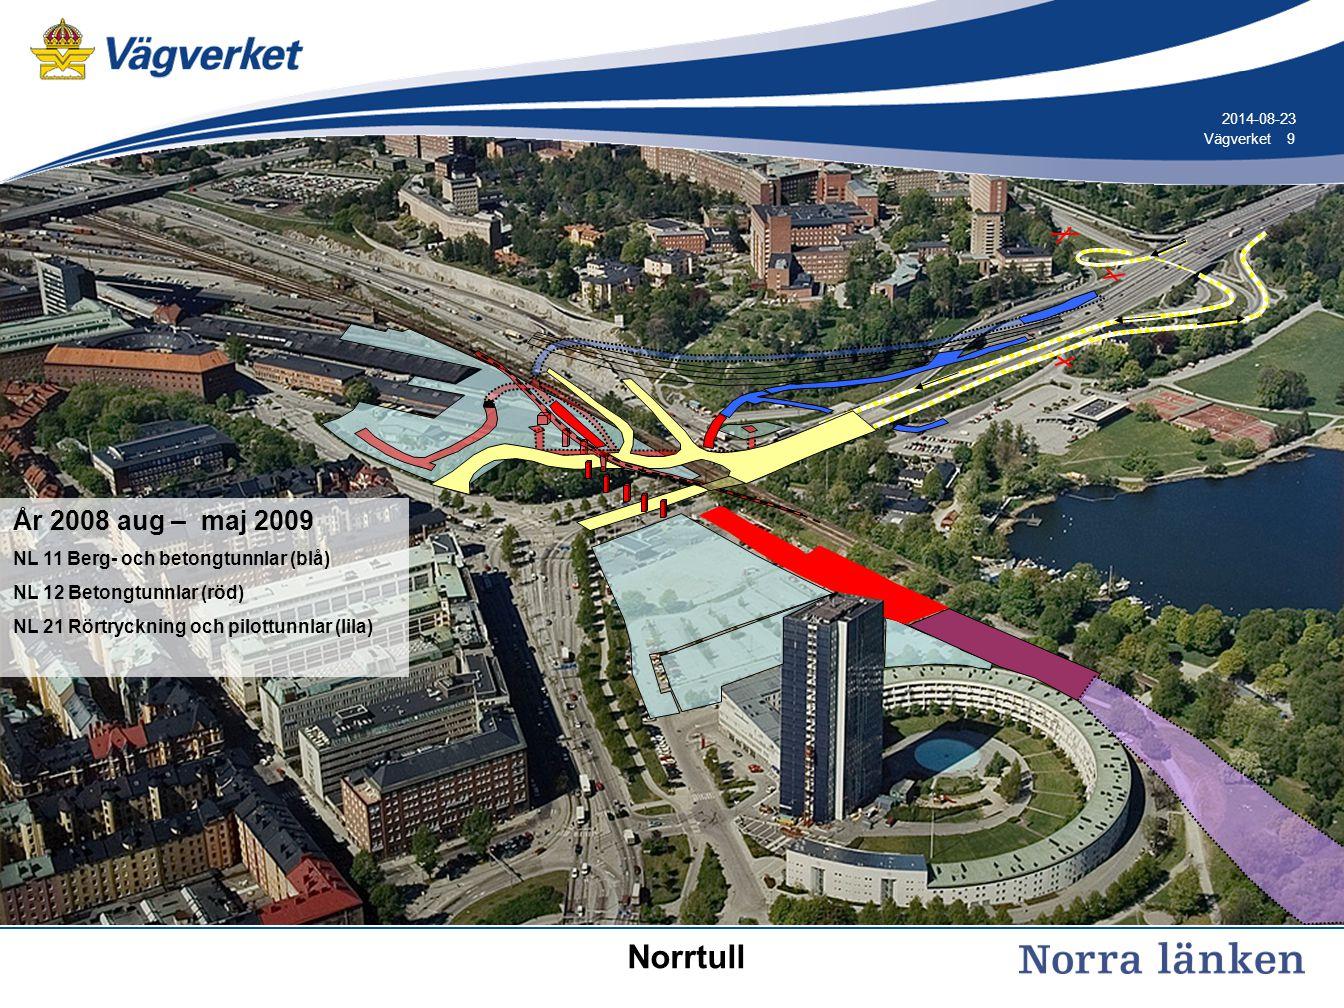 10 Vägverket 2014-08-23 År 2009 juni Trafikomläggning (gul) (över färdigställd betongtunnel,del H) NL 11 Berg- och betongtunnlar (blå) NL 12 Betongtunnlar (röd) NL 21 Rörtryckning och pilottunnlar (lila) Norrtull